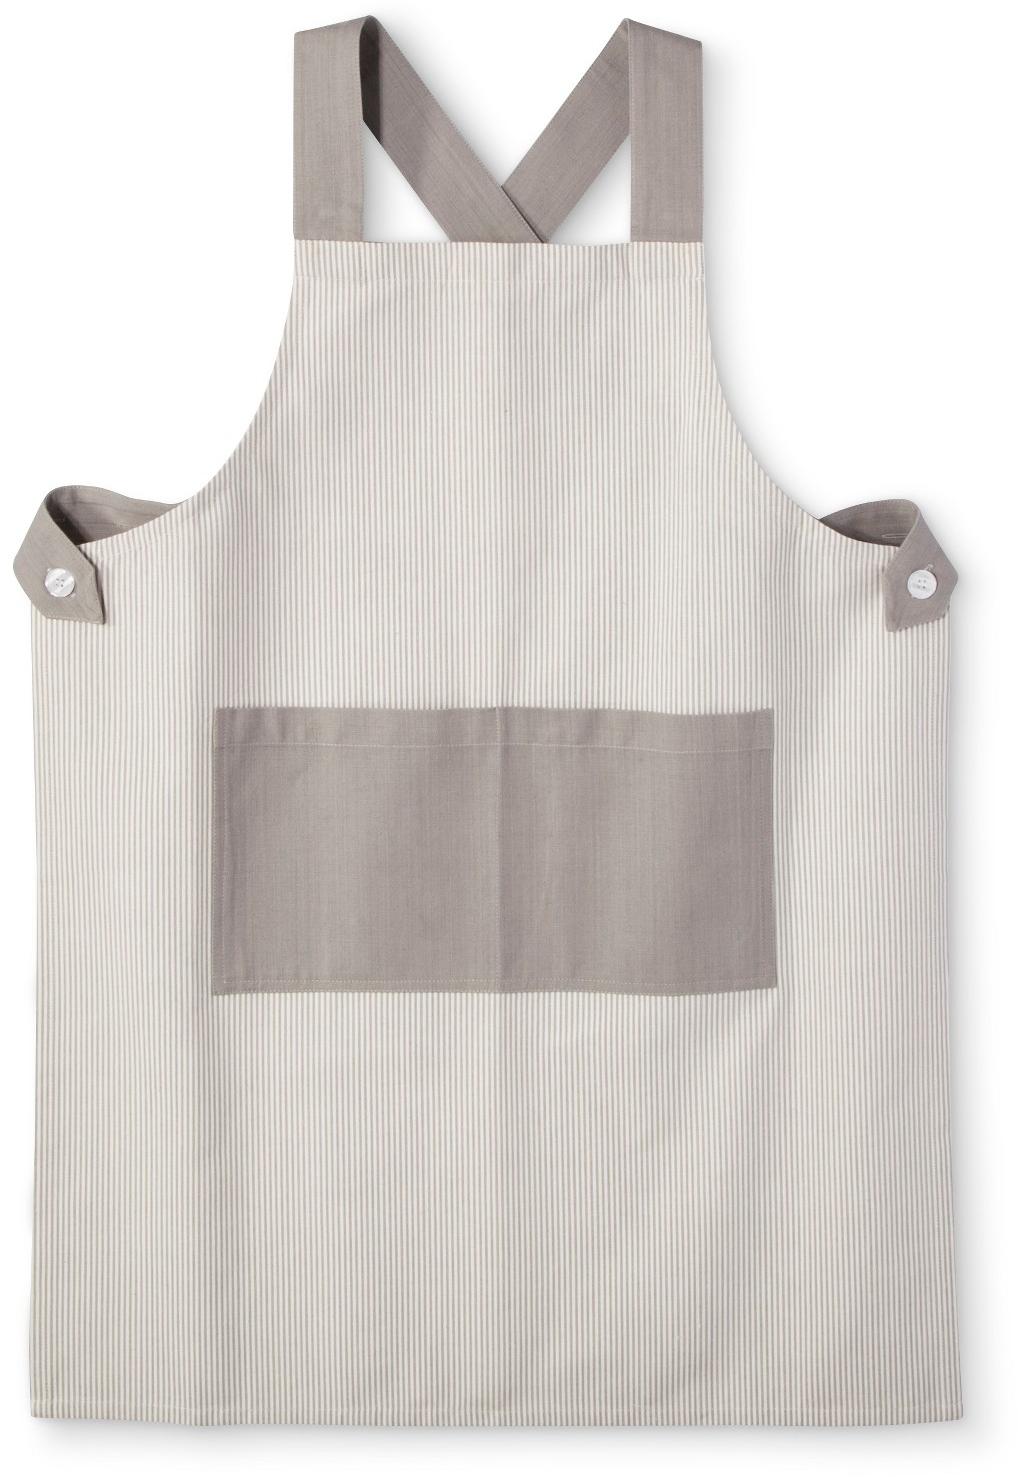 Target white kitchen apron - Gray Stripe Kitchen Textiles Cooking Apron Threshold Target